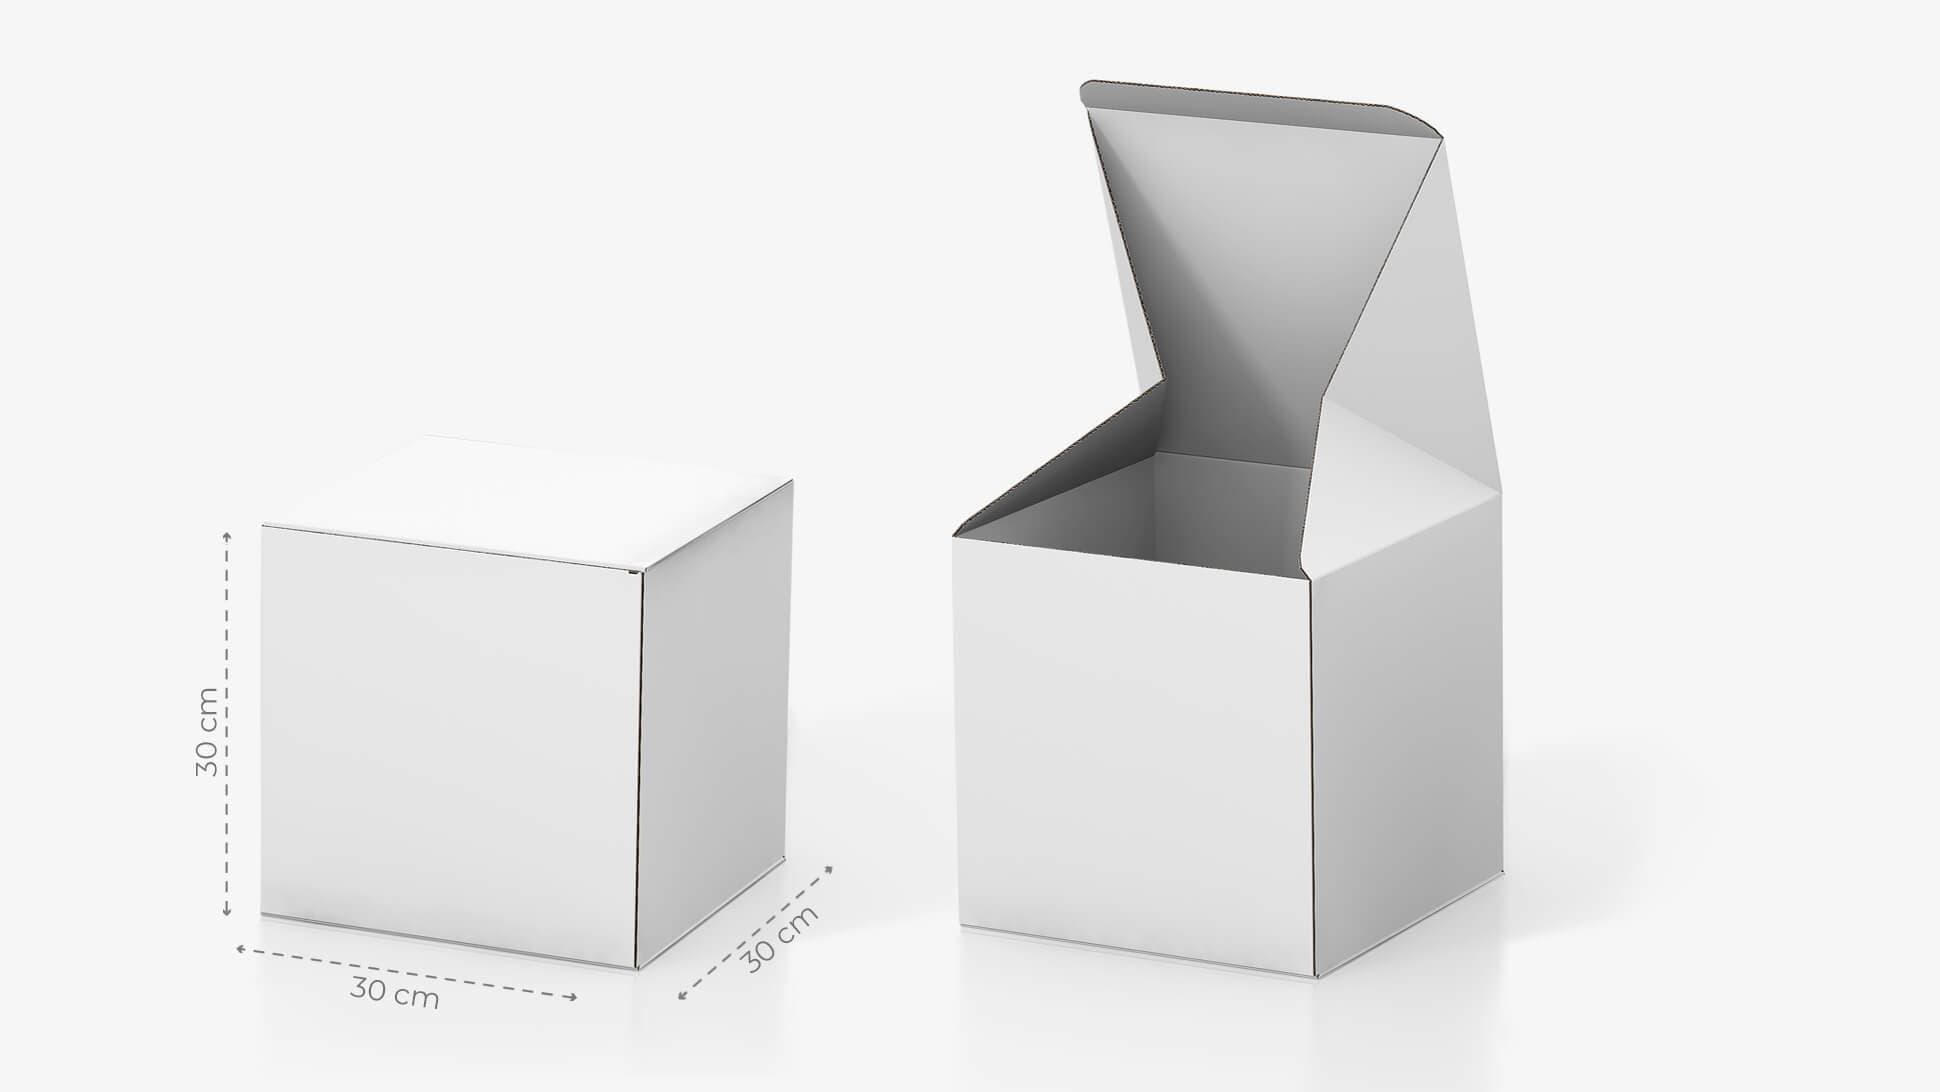 Scatola in cartone 30x30 cm personalizzabile | tictac.it